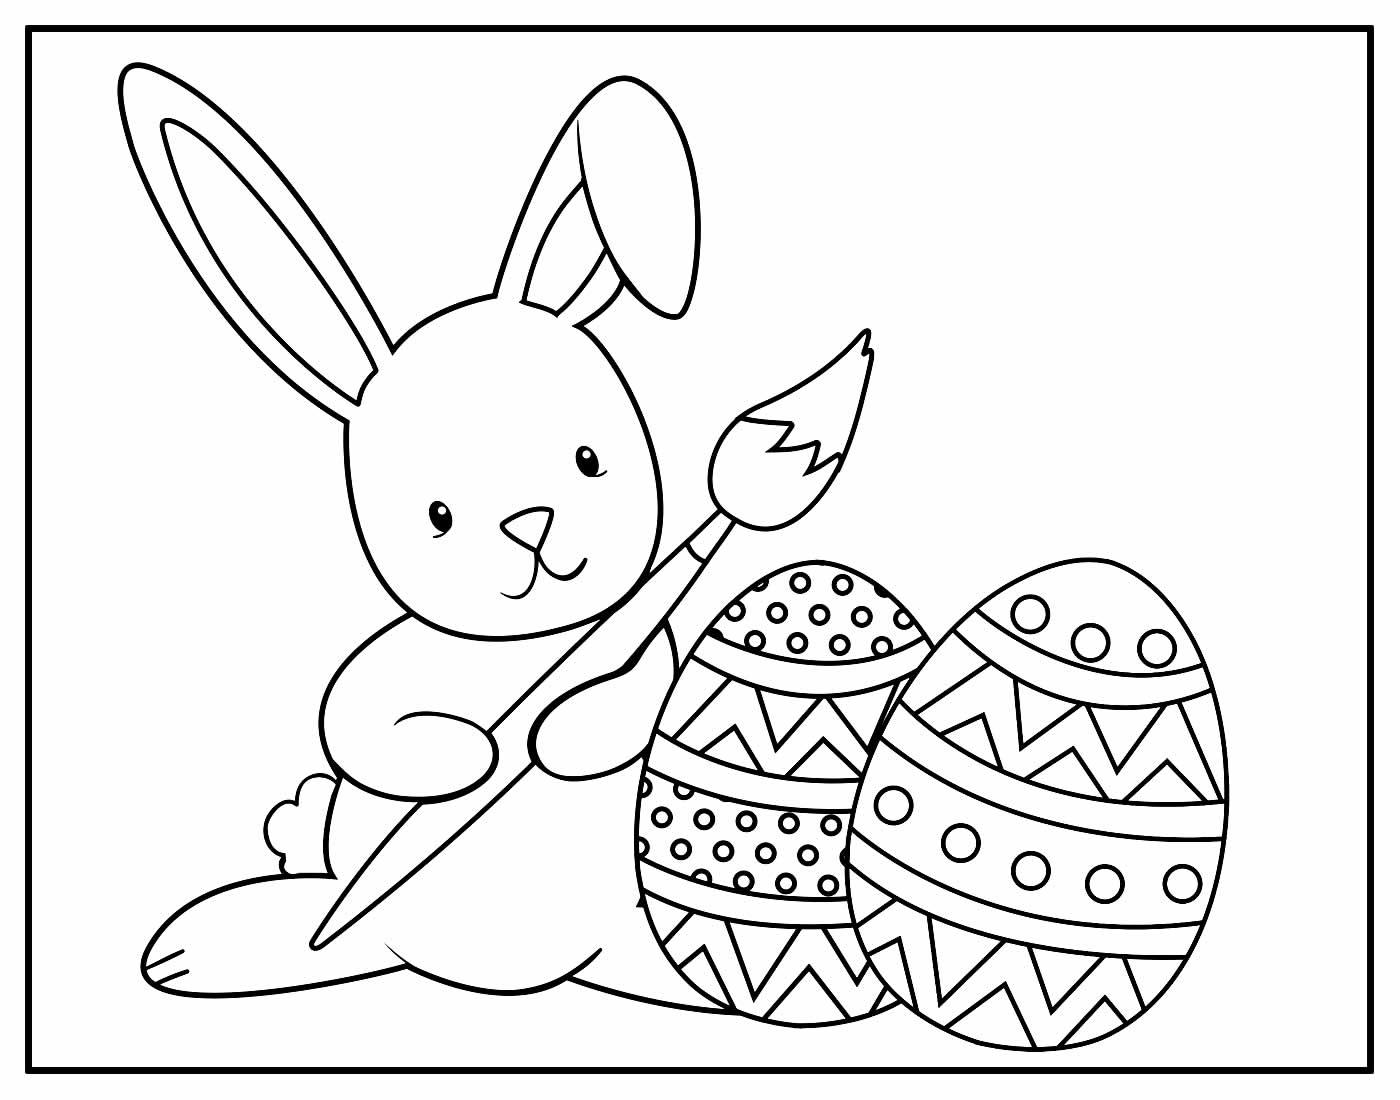 Página para colorir de Coelhinho da Páscoa